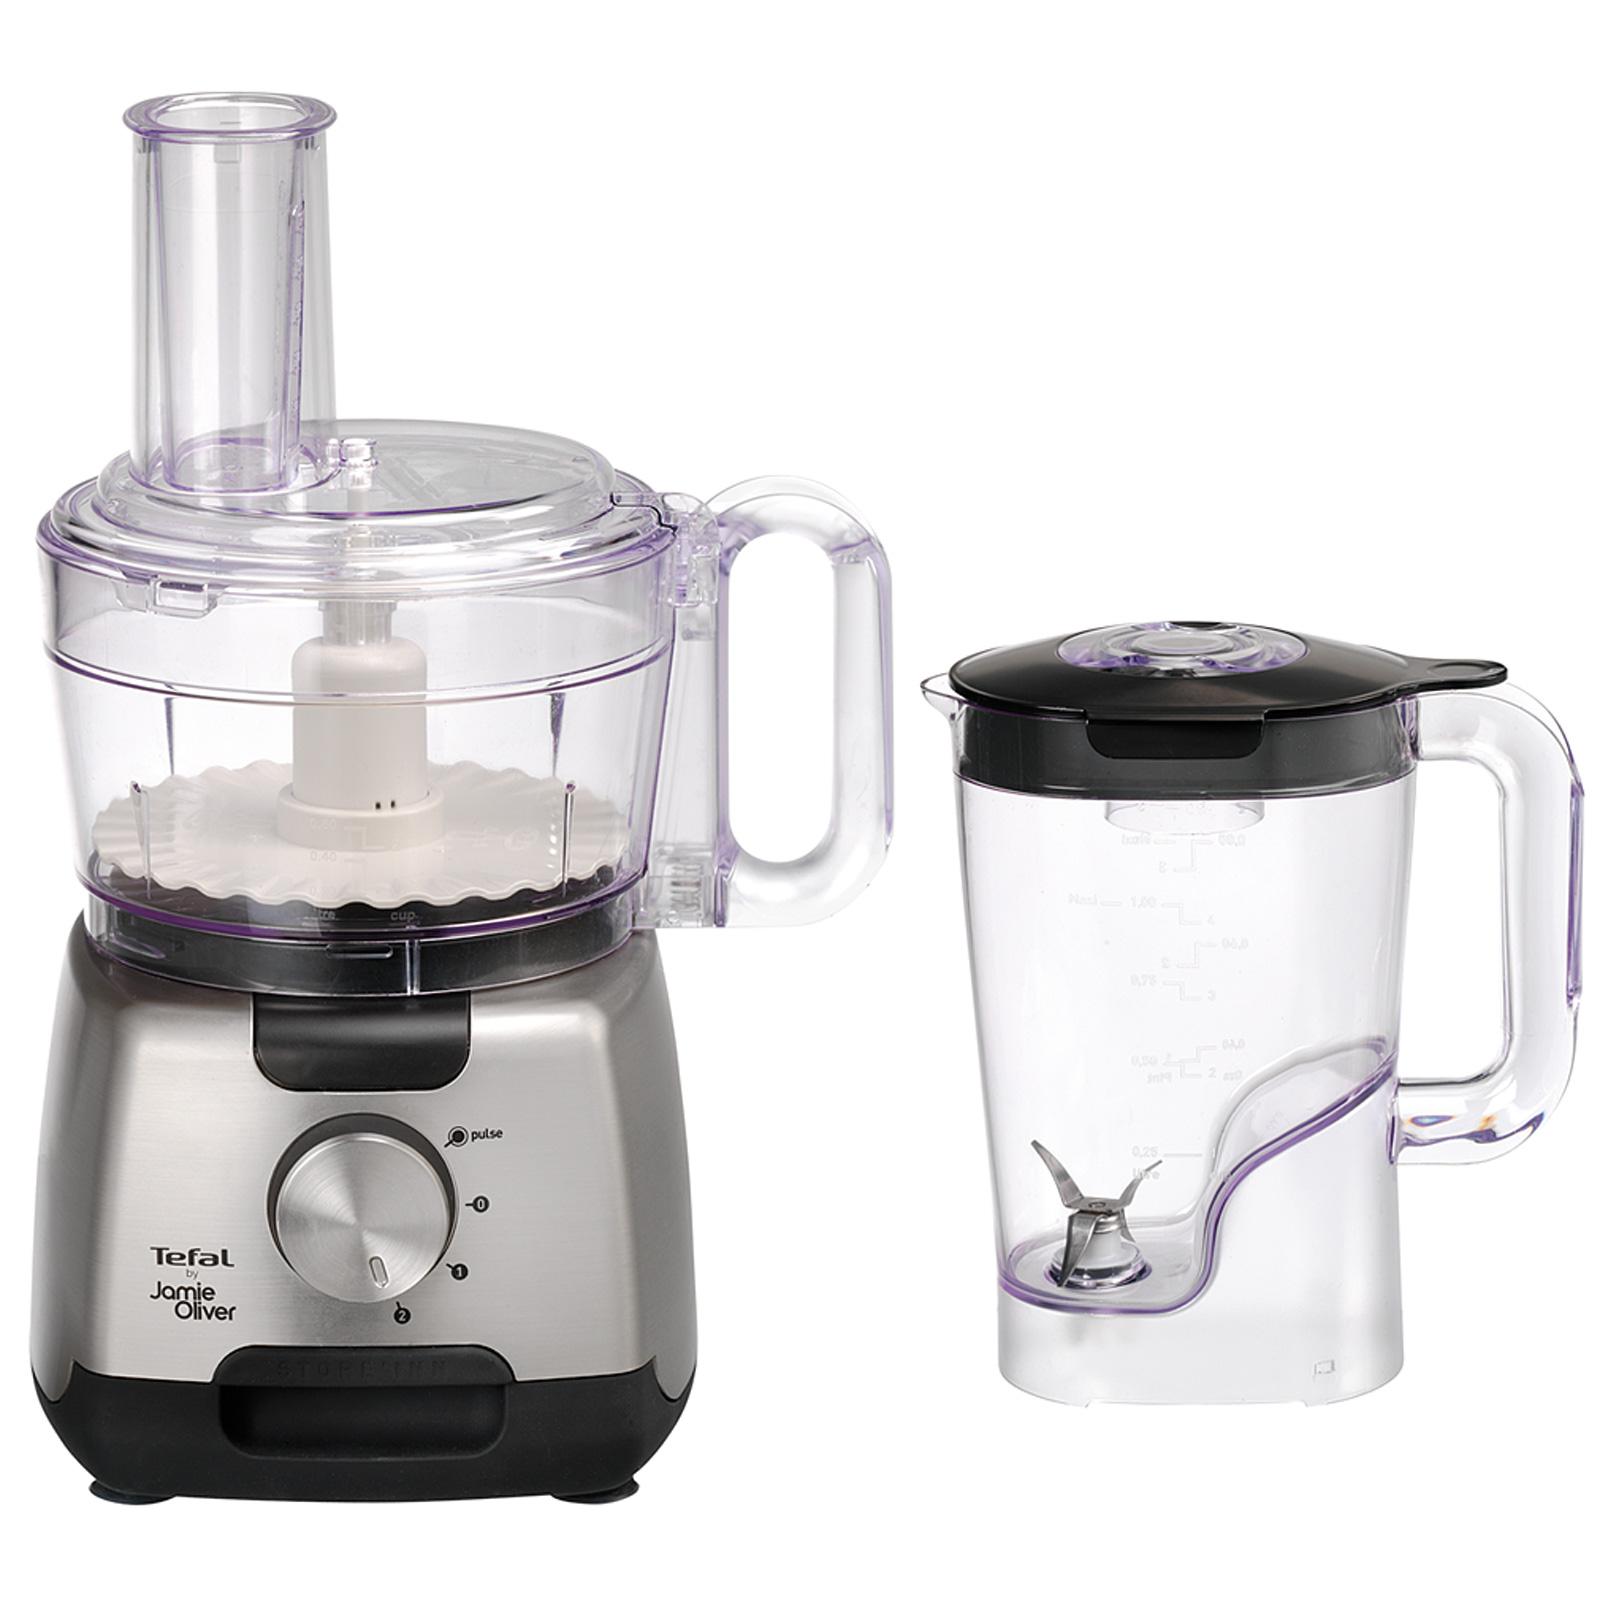 Tefal Küchenmaschine   Kleine Haushaltsgeräte Von Electronic4you